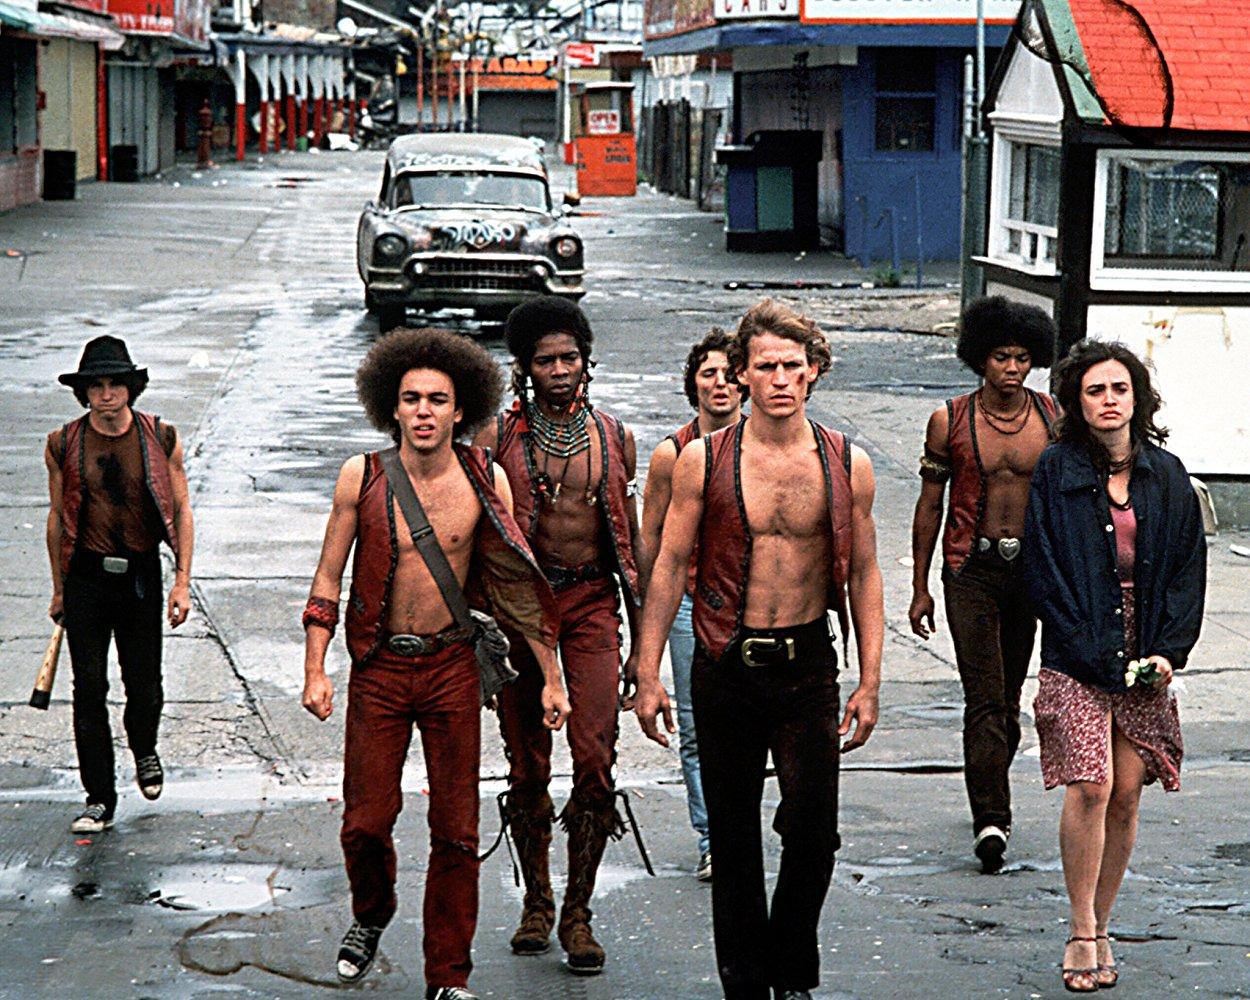 Los productores recibieron cartas con amenazas por no ofrecer algunos de los papeles a los integrantes de las pandillas del área de Nueva York.